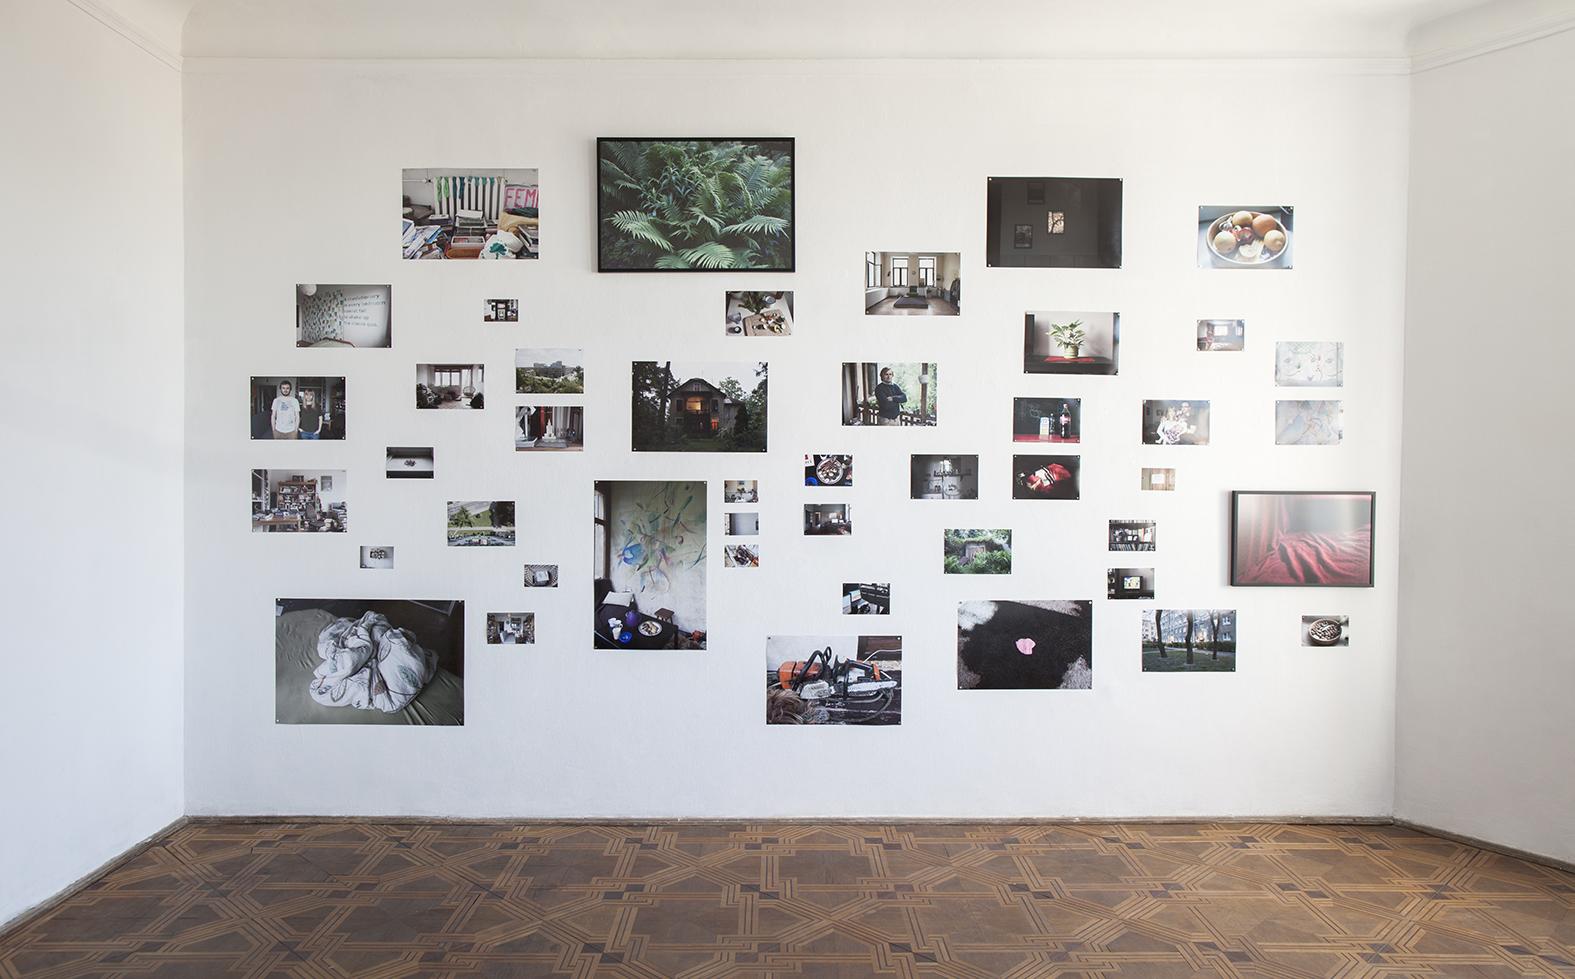 Zdjęcia Macieja Lansberga